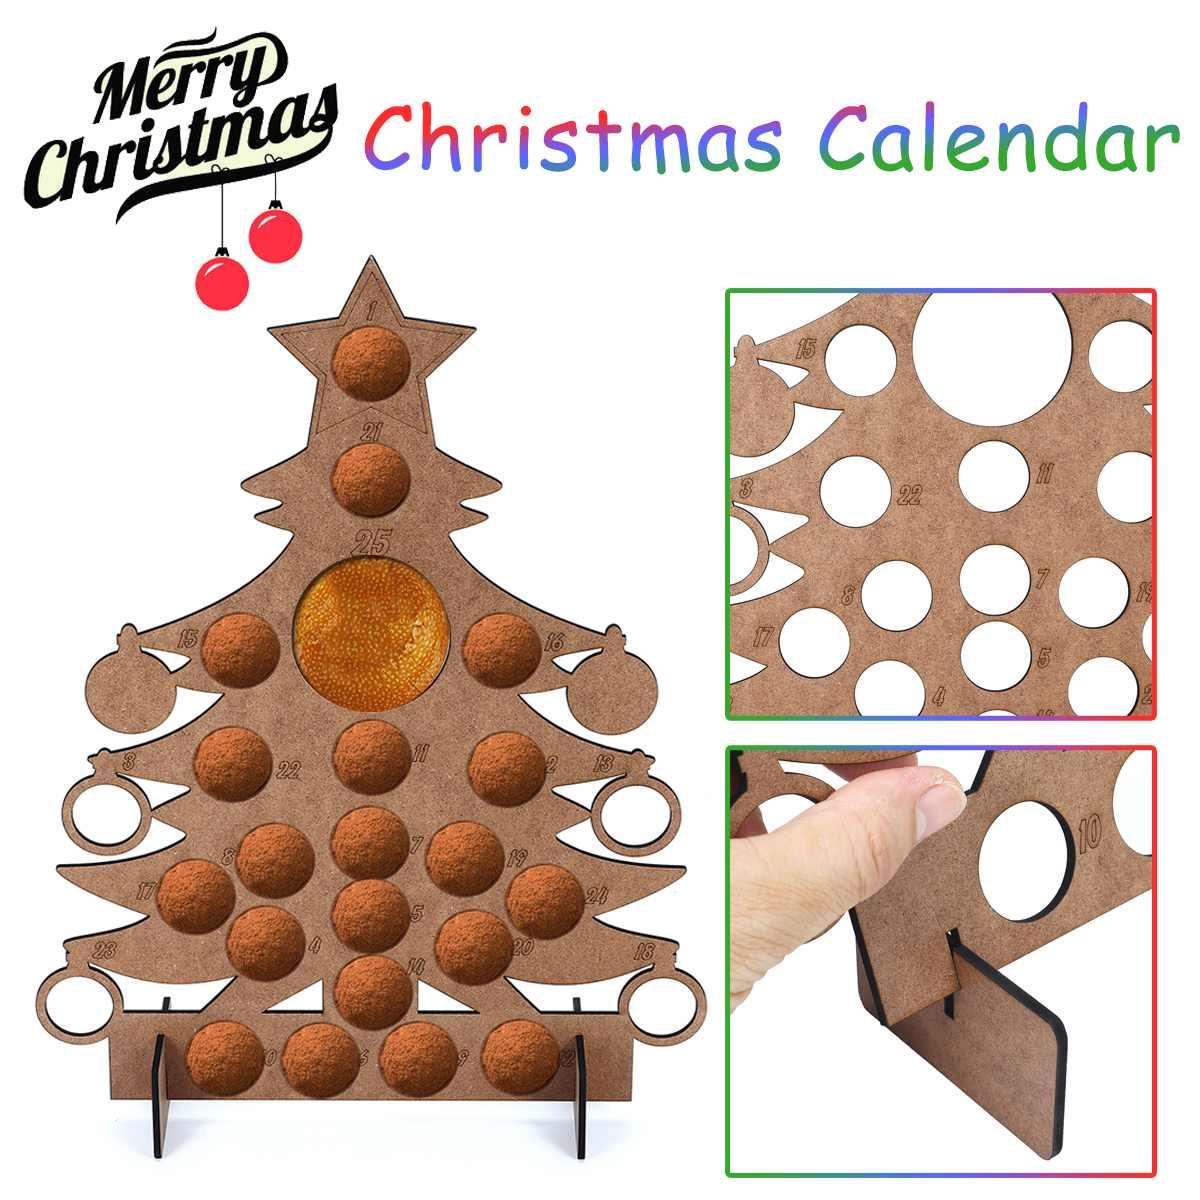 VertrauenswüRdig Ppyy Neue-weihnachten Advent Countdown-kalender Weihnachten Deocration Für Home Weihnachten Ornament Geschenk Taschen Weihnachten Dekoration Office & School Supplies Kalender, Planer Und Karten